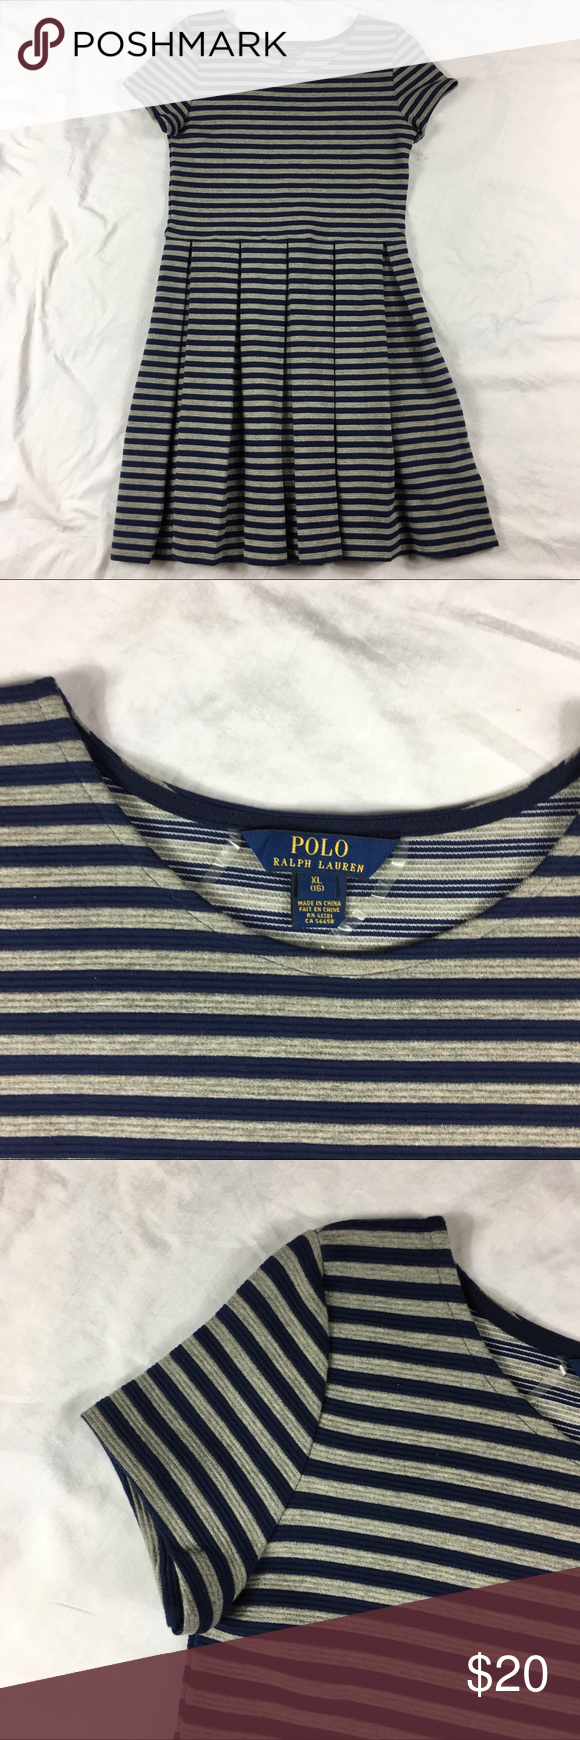 ralph lauren shorts ralph lauren blue and white striped dress